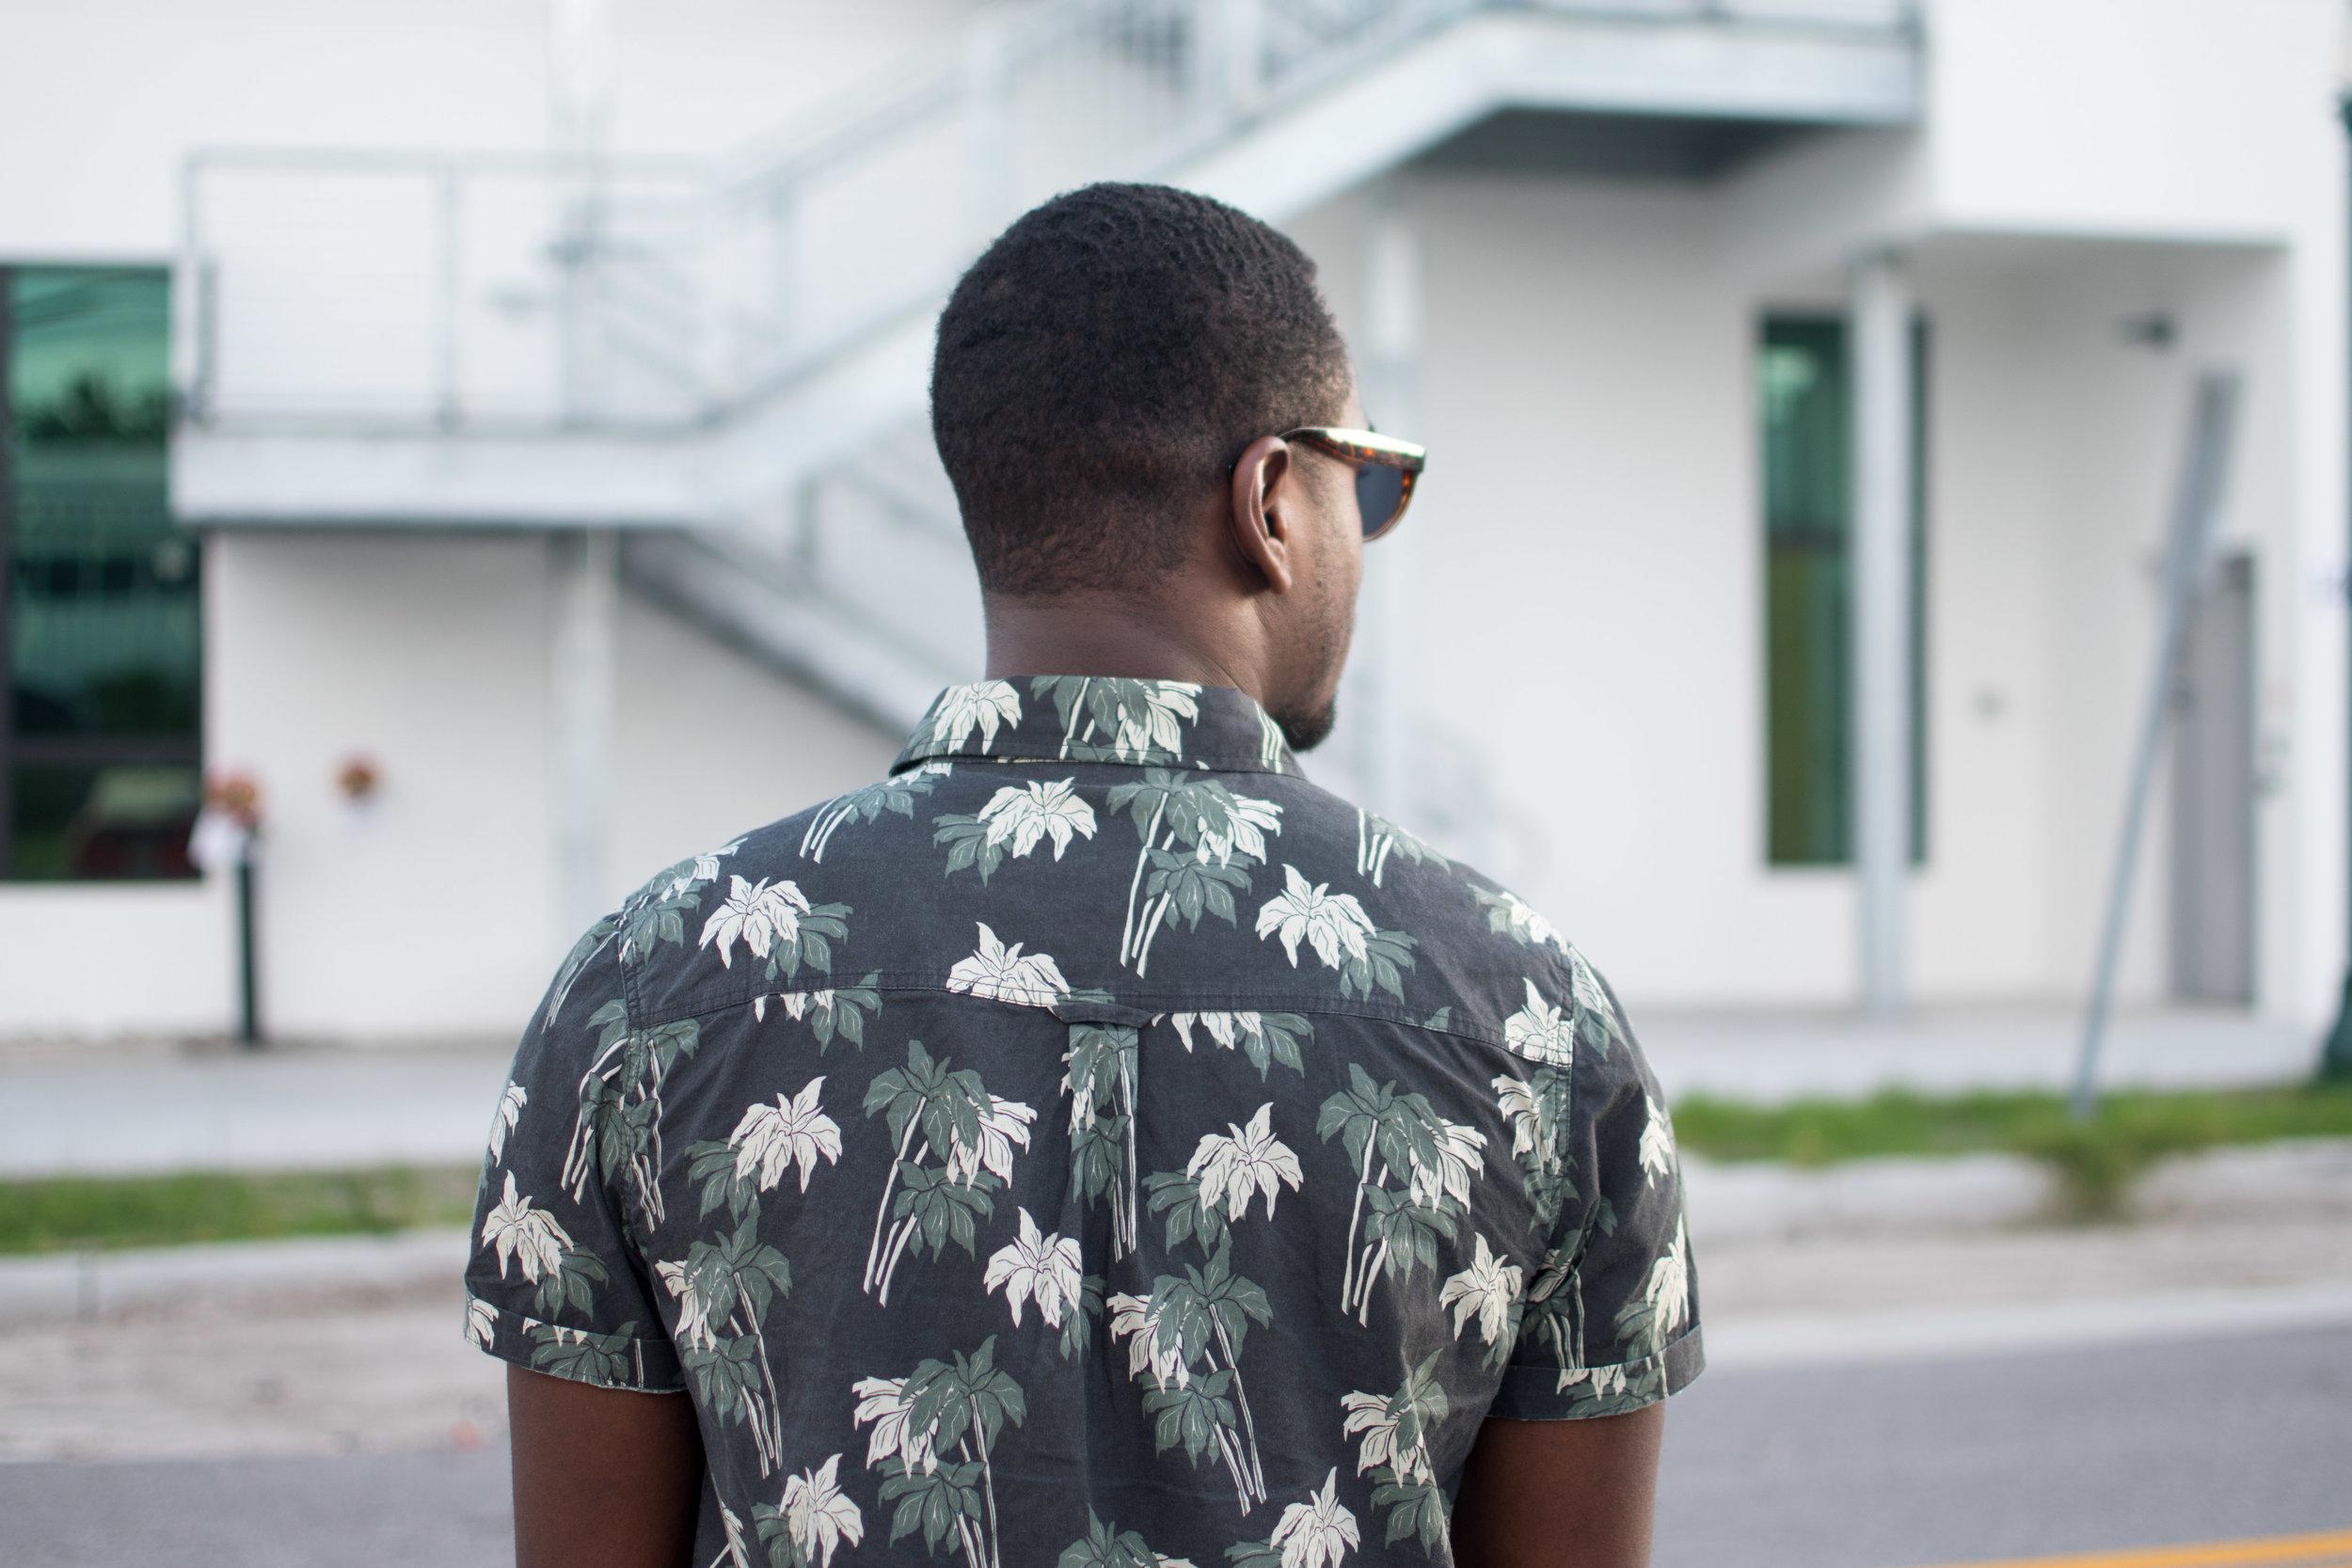 GregsStyleGuide Greg McGregorson Mens Style Blog (2).jpg